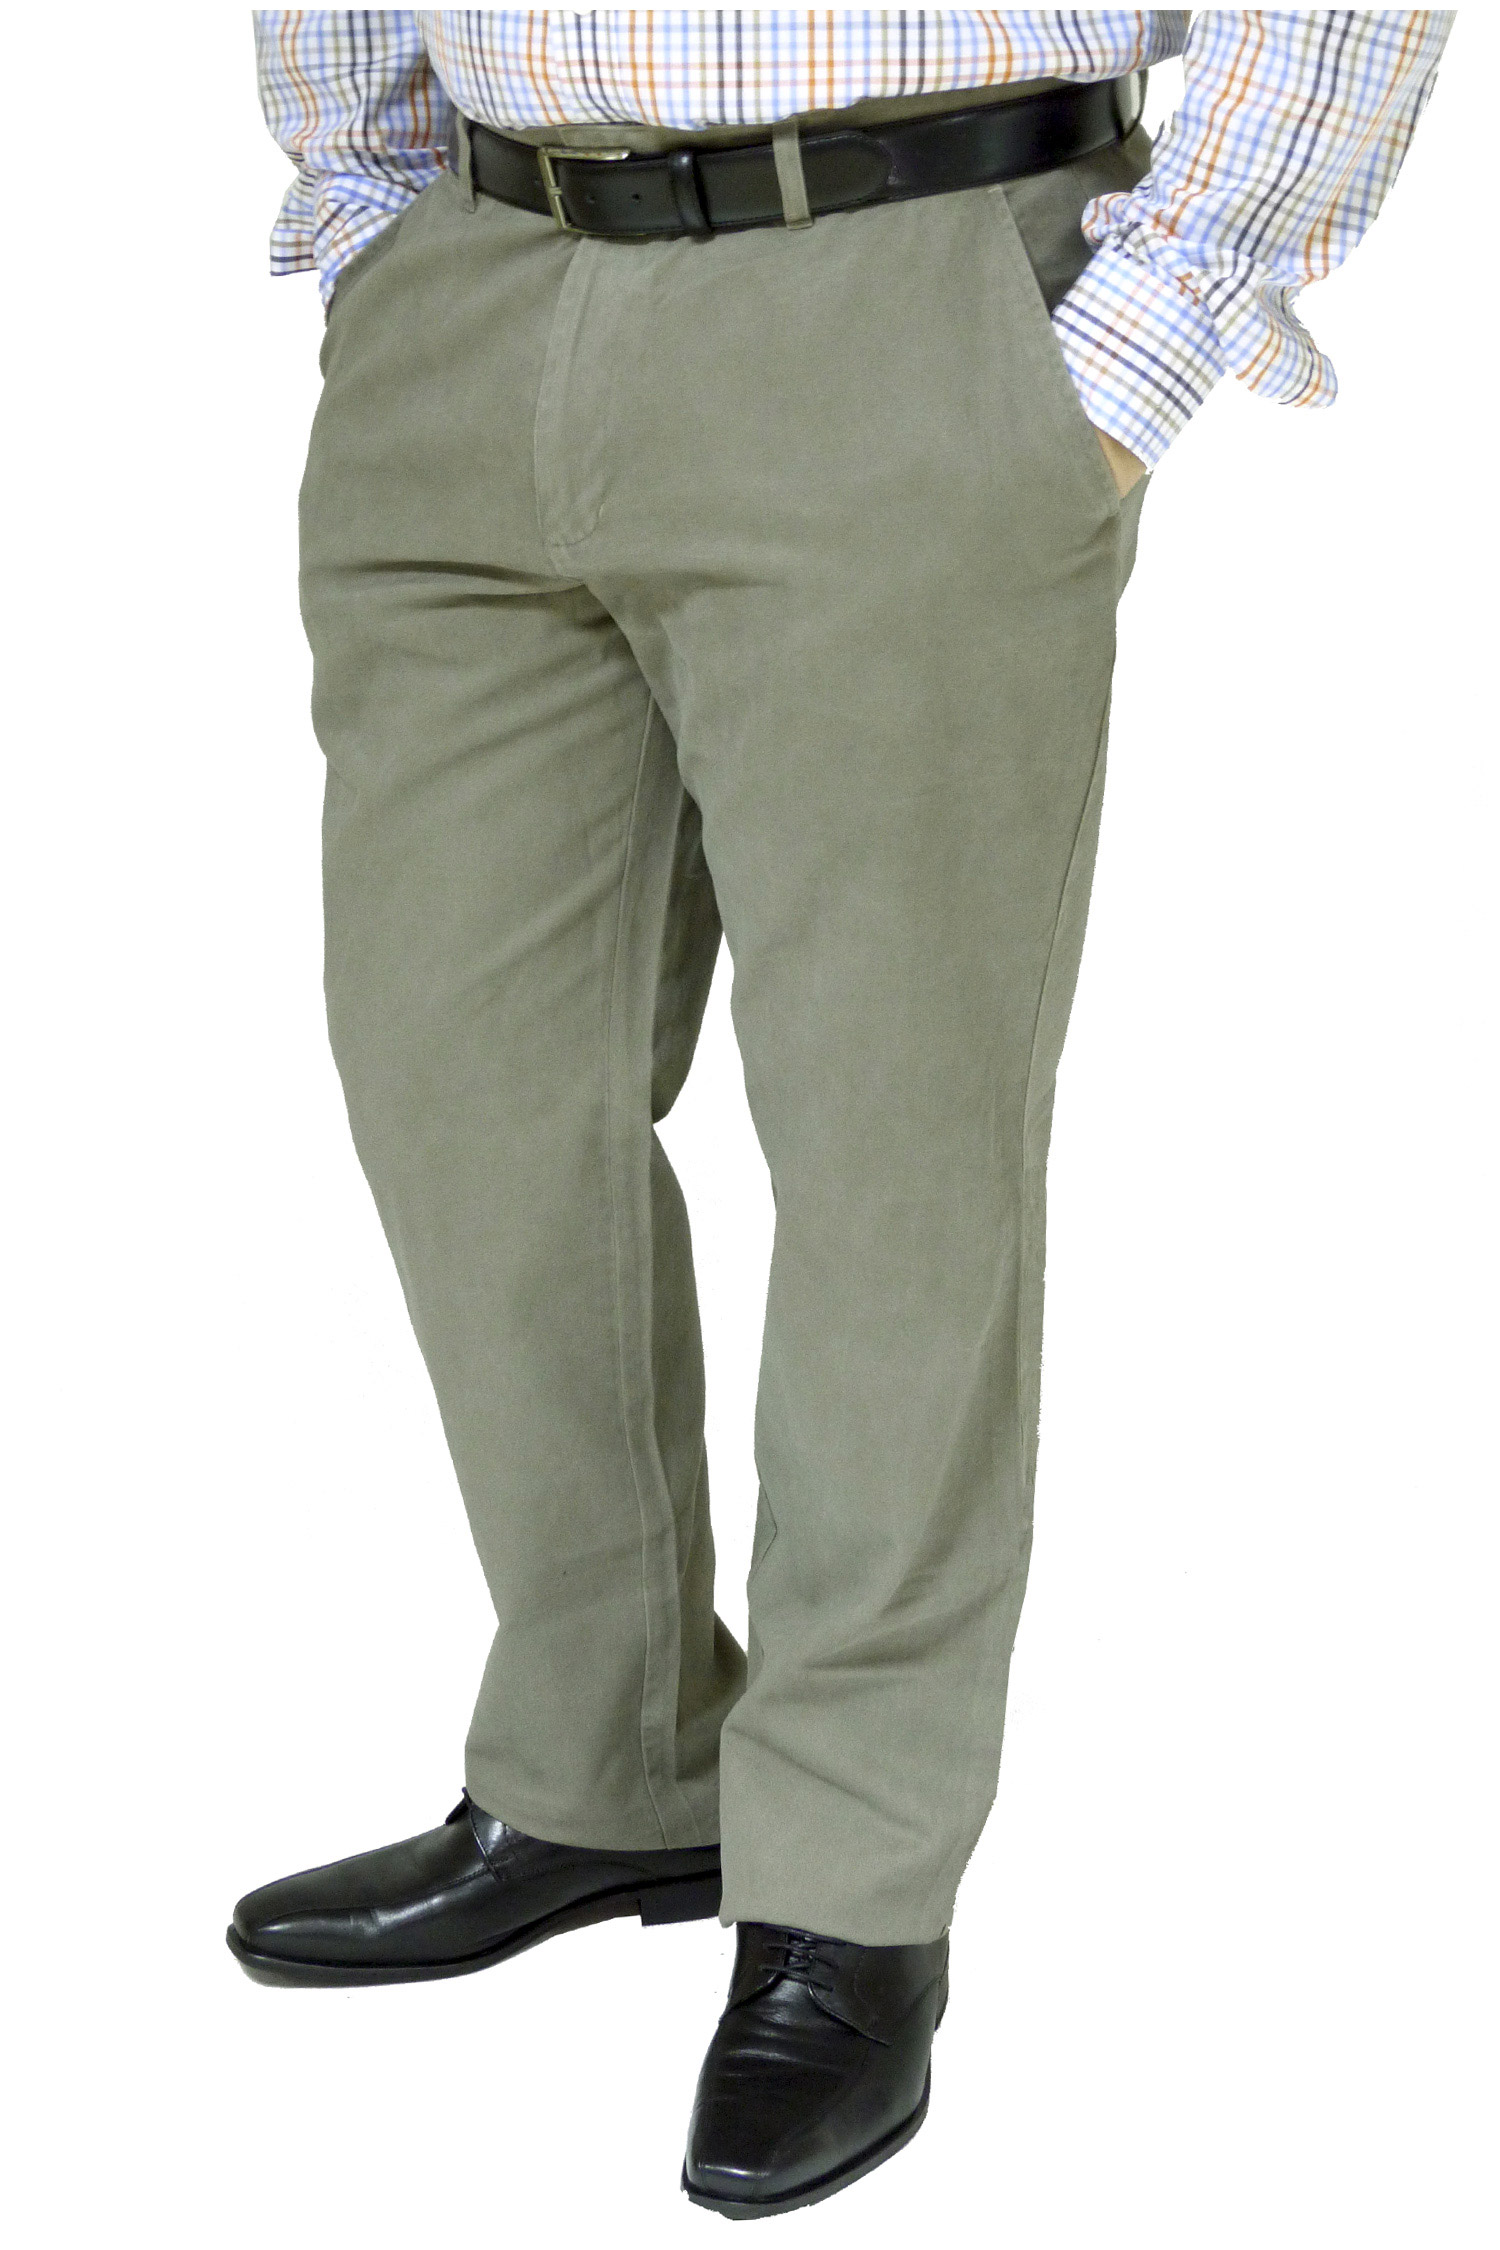 Hola la talla en pantalon de mujer de aqui en guatemala quisiera saber q talla es ahi en estados unidos me urge saberlo gracias.. 28 de octubre de , Sergio Martinez dijo Estimado Lector, En USA sería la misma numeración, es decir el pantalón 13 y/ó 14, sería el talla L Nº en USA. Un saludo, EL ADMINISTRADOR.